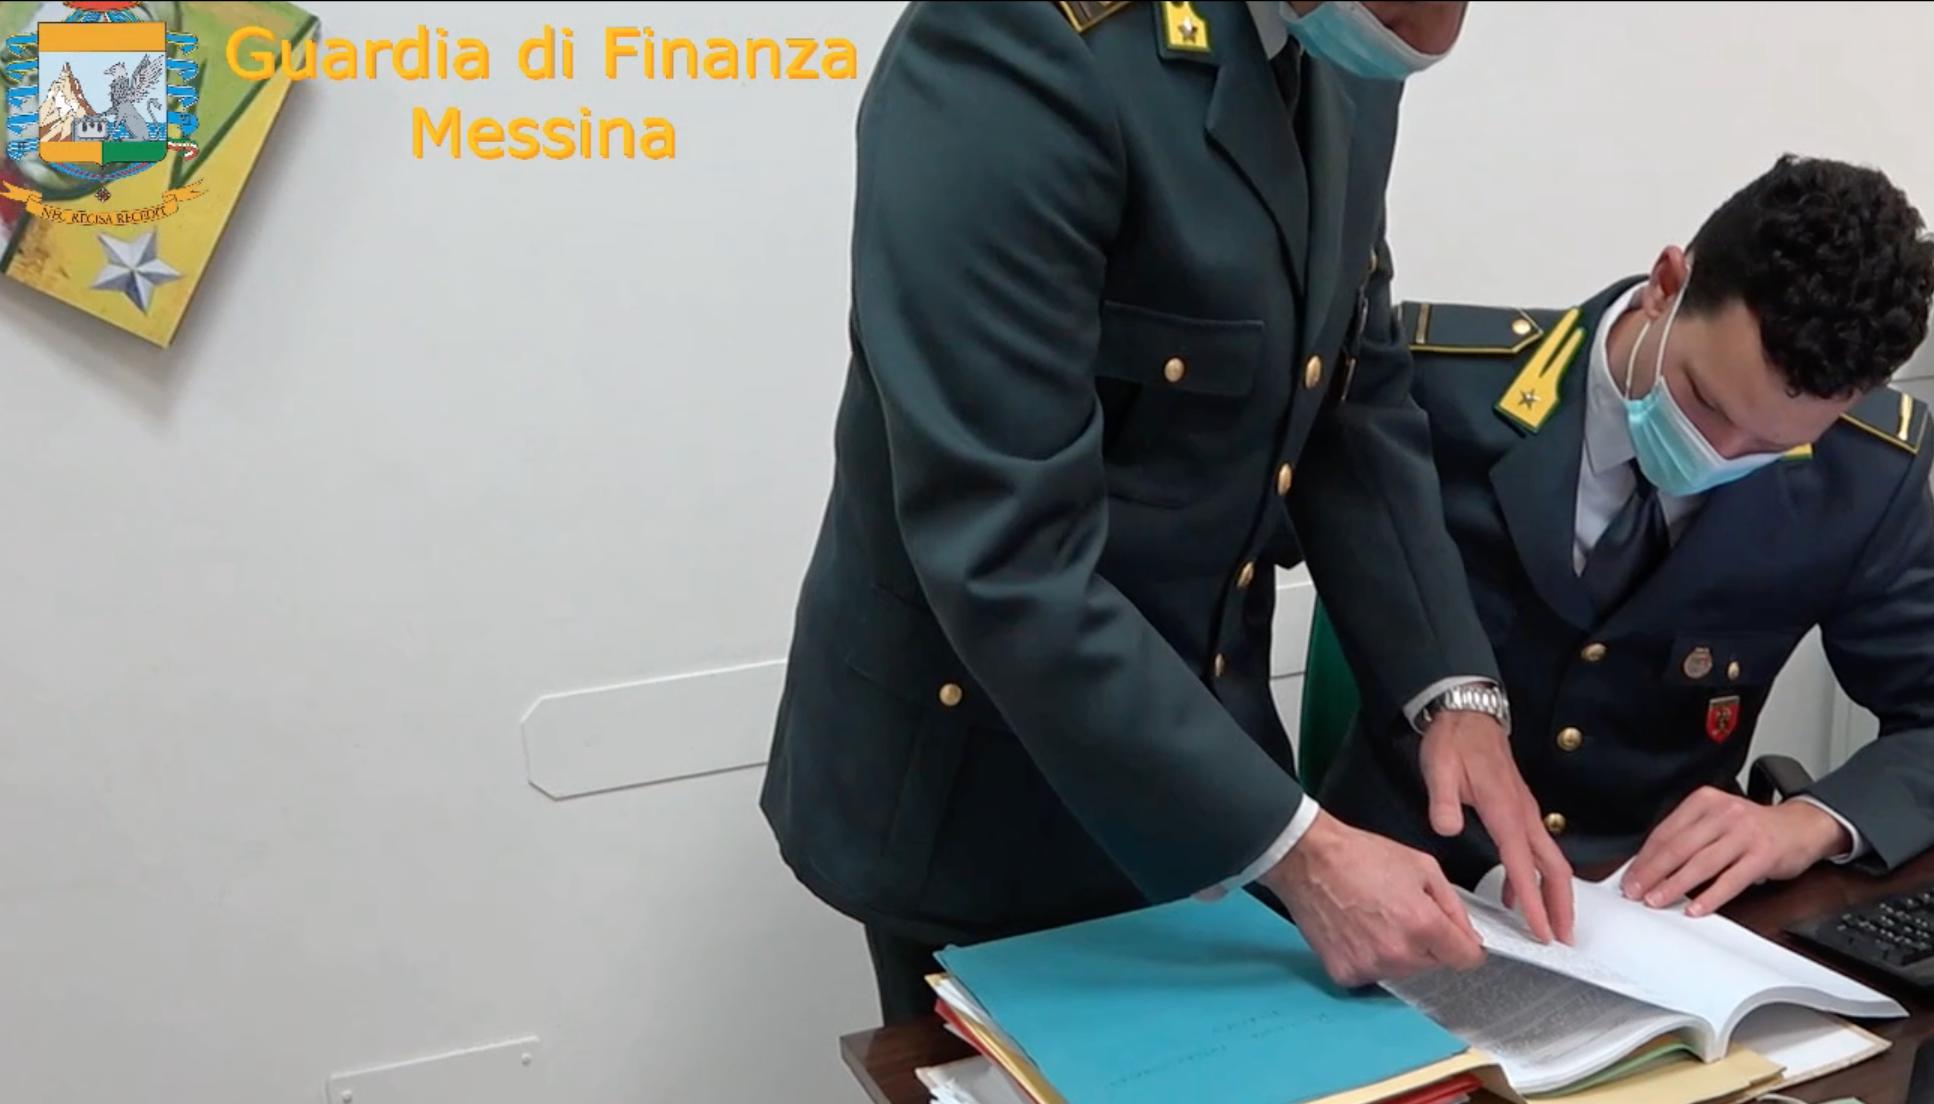 Barcellona Pozzo di Gotto, sequestrati beni per 400 mila euro (GUARDA VIDEO)